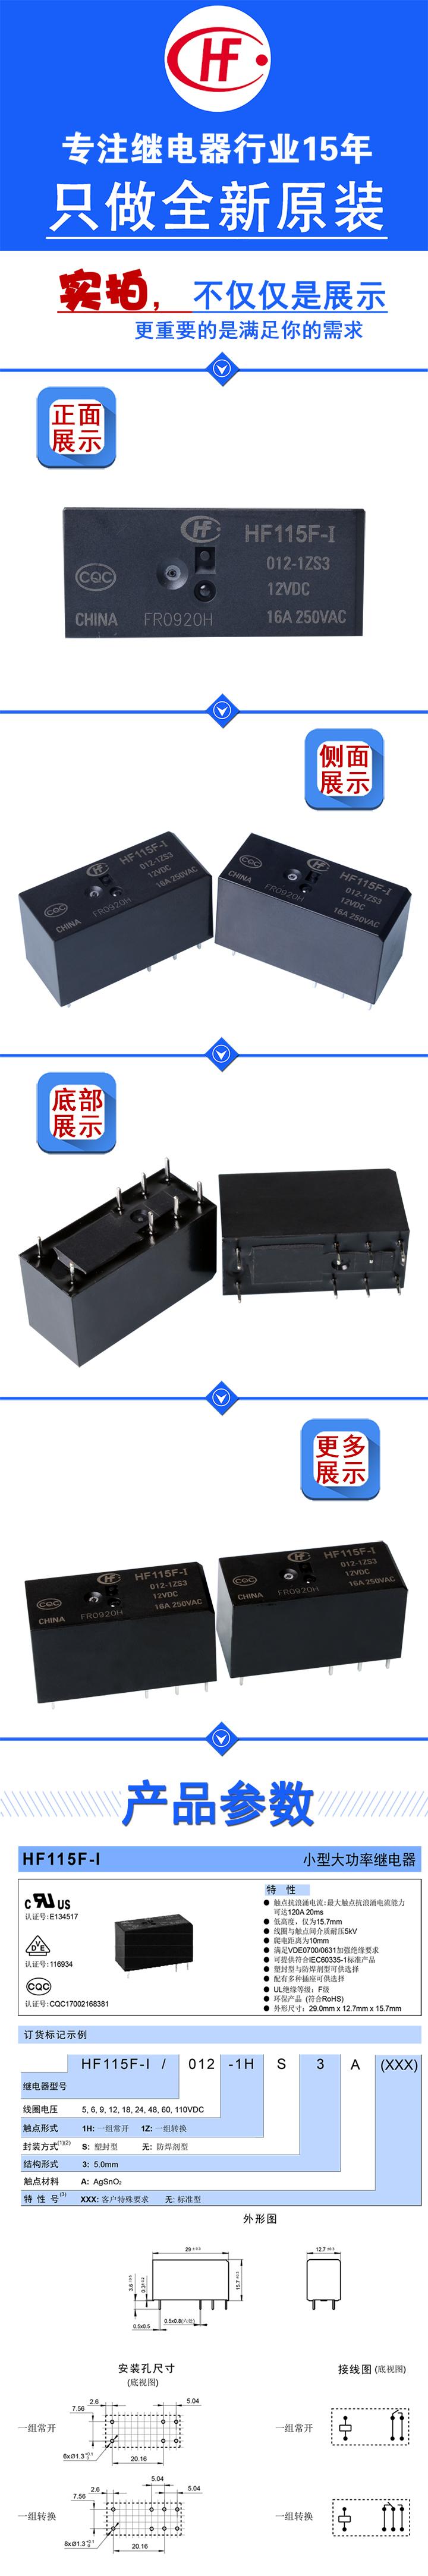 HF115F-I-012-1ZS3_01